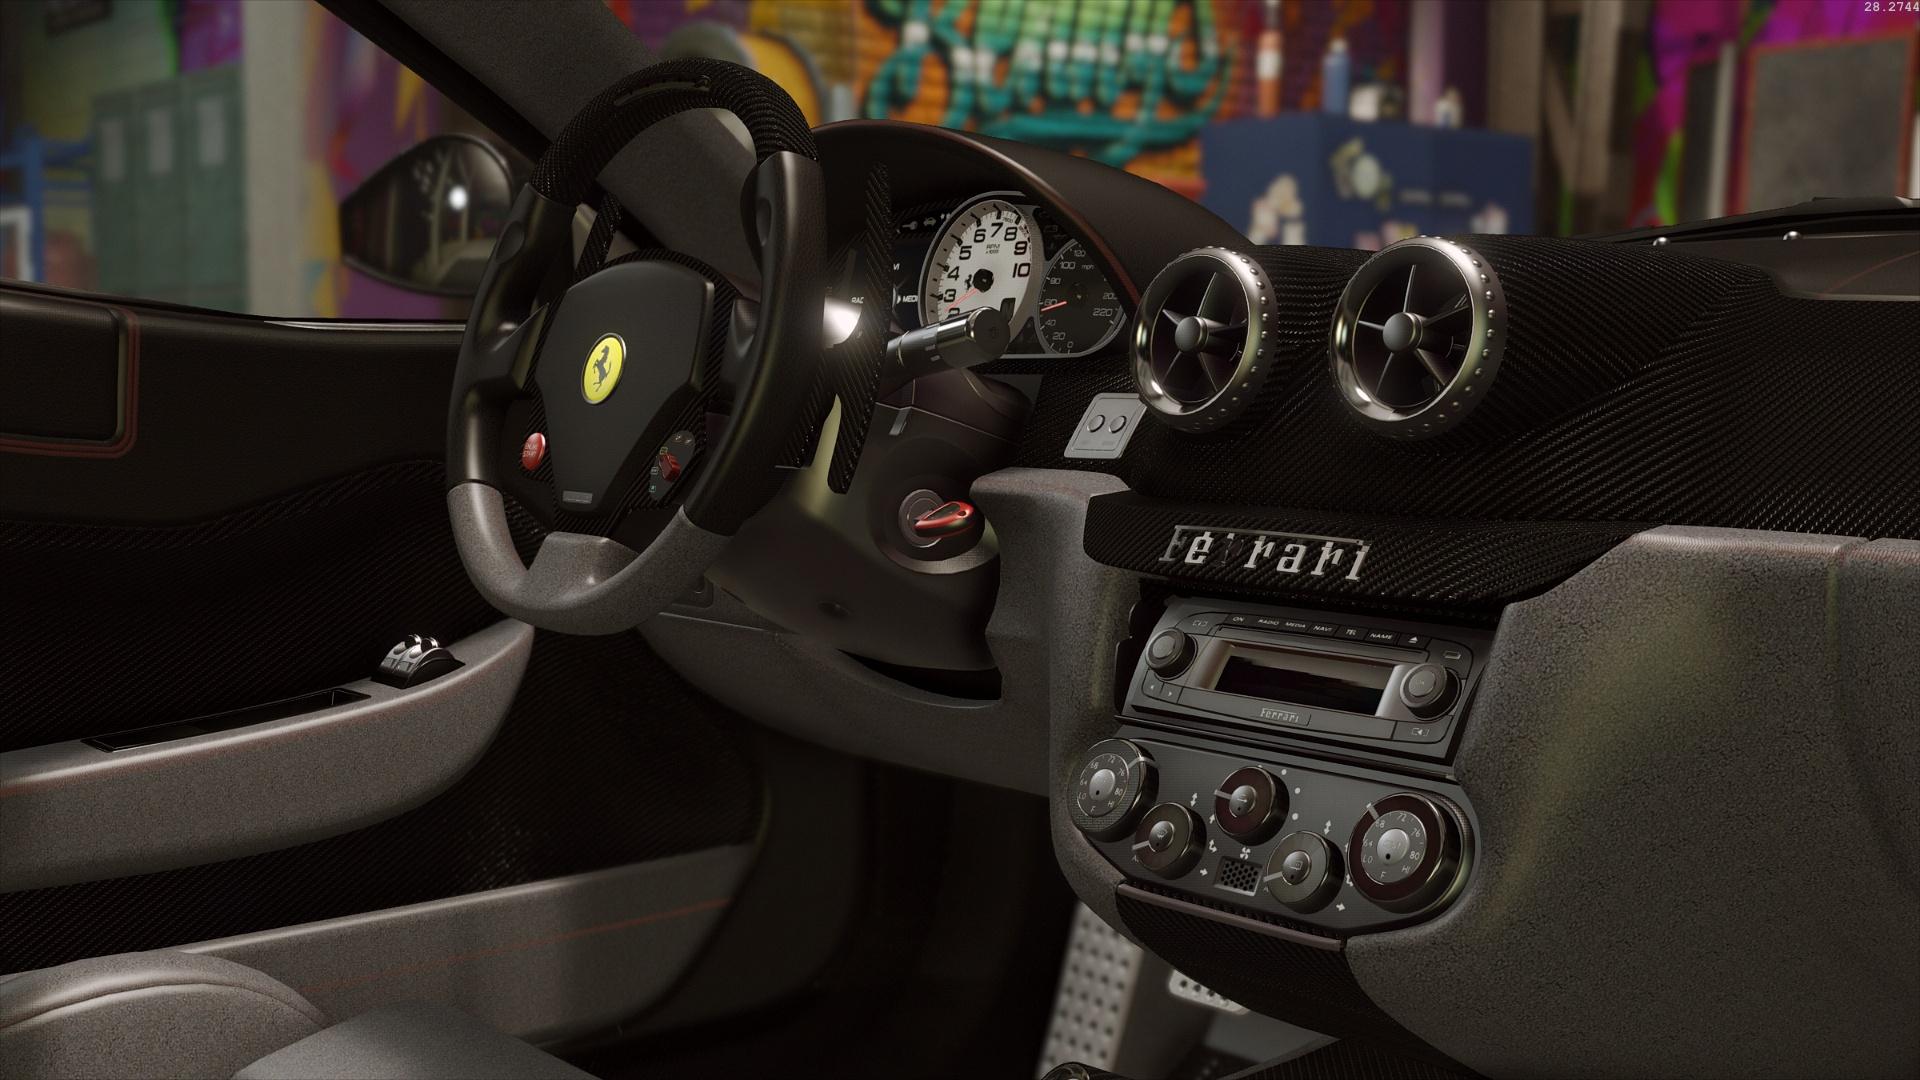 ferrari 599 gto autovista add on replace gta5. Black Bedroom Furniture Sets. Home Design Ideas